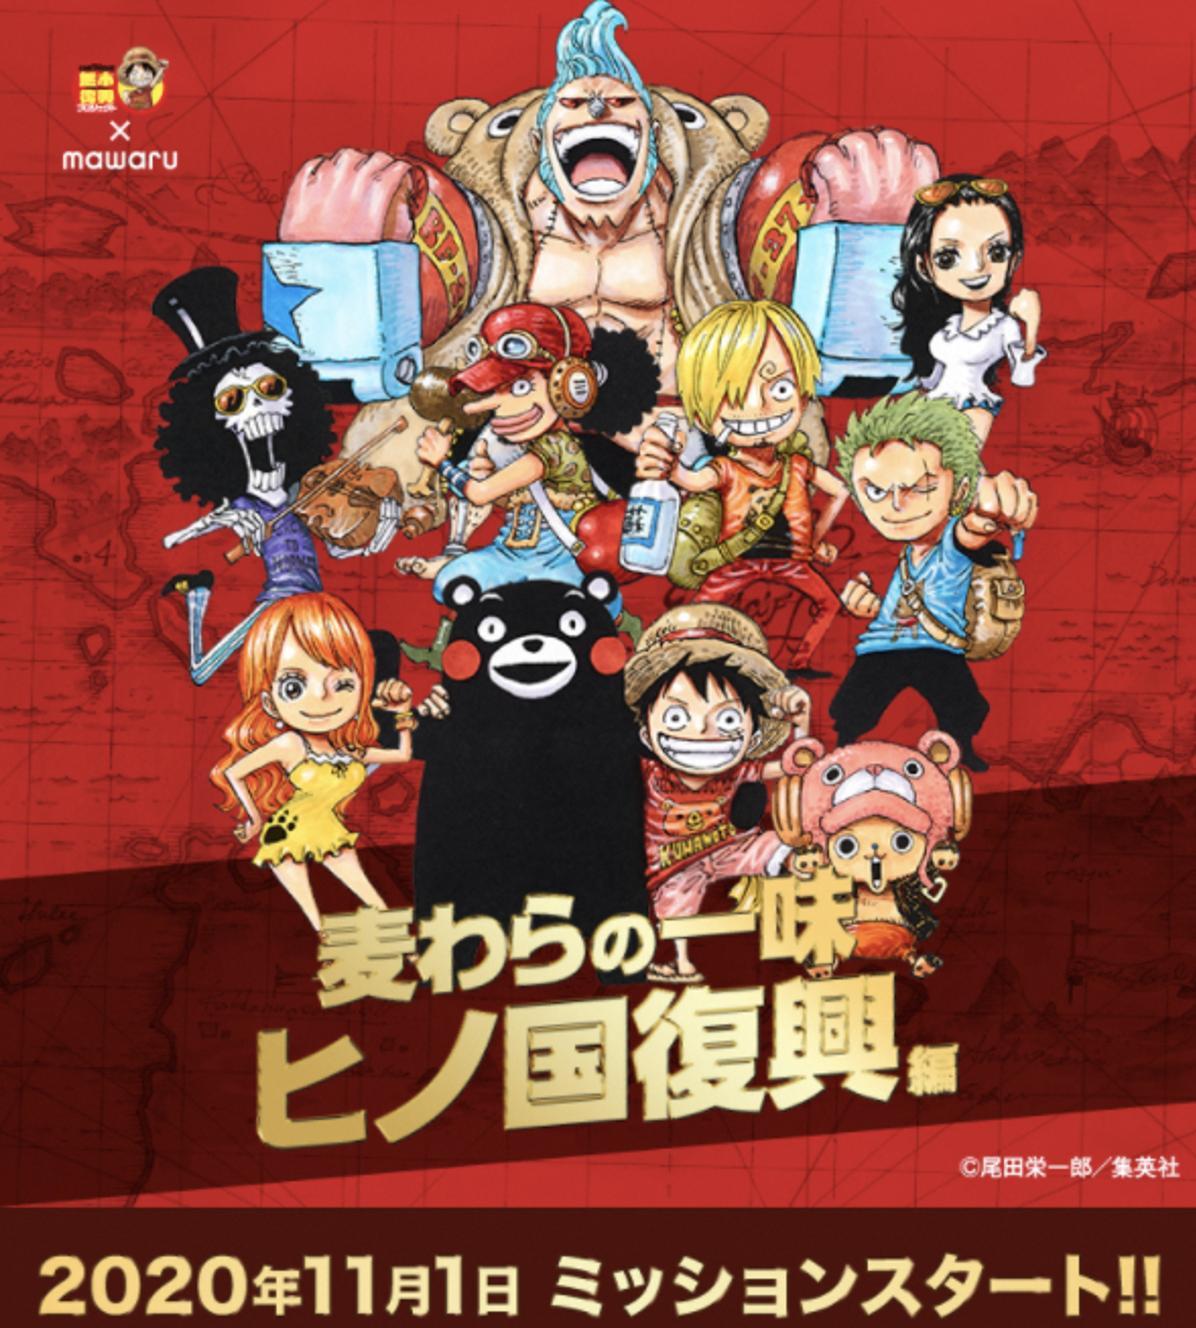 「ヒノ国を冒険せよ!」 デジタルスタンプラリーキャンペーン2021年2月末まで!